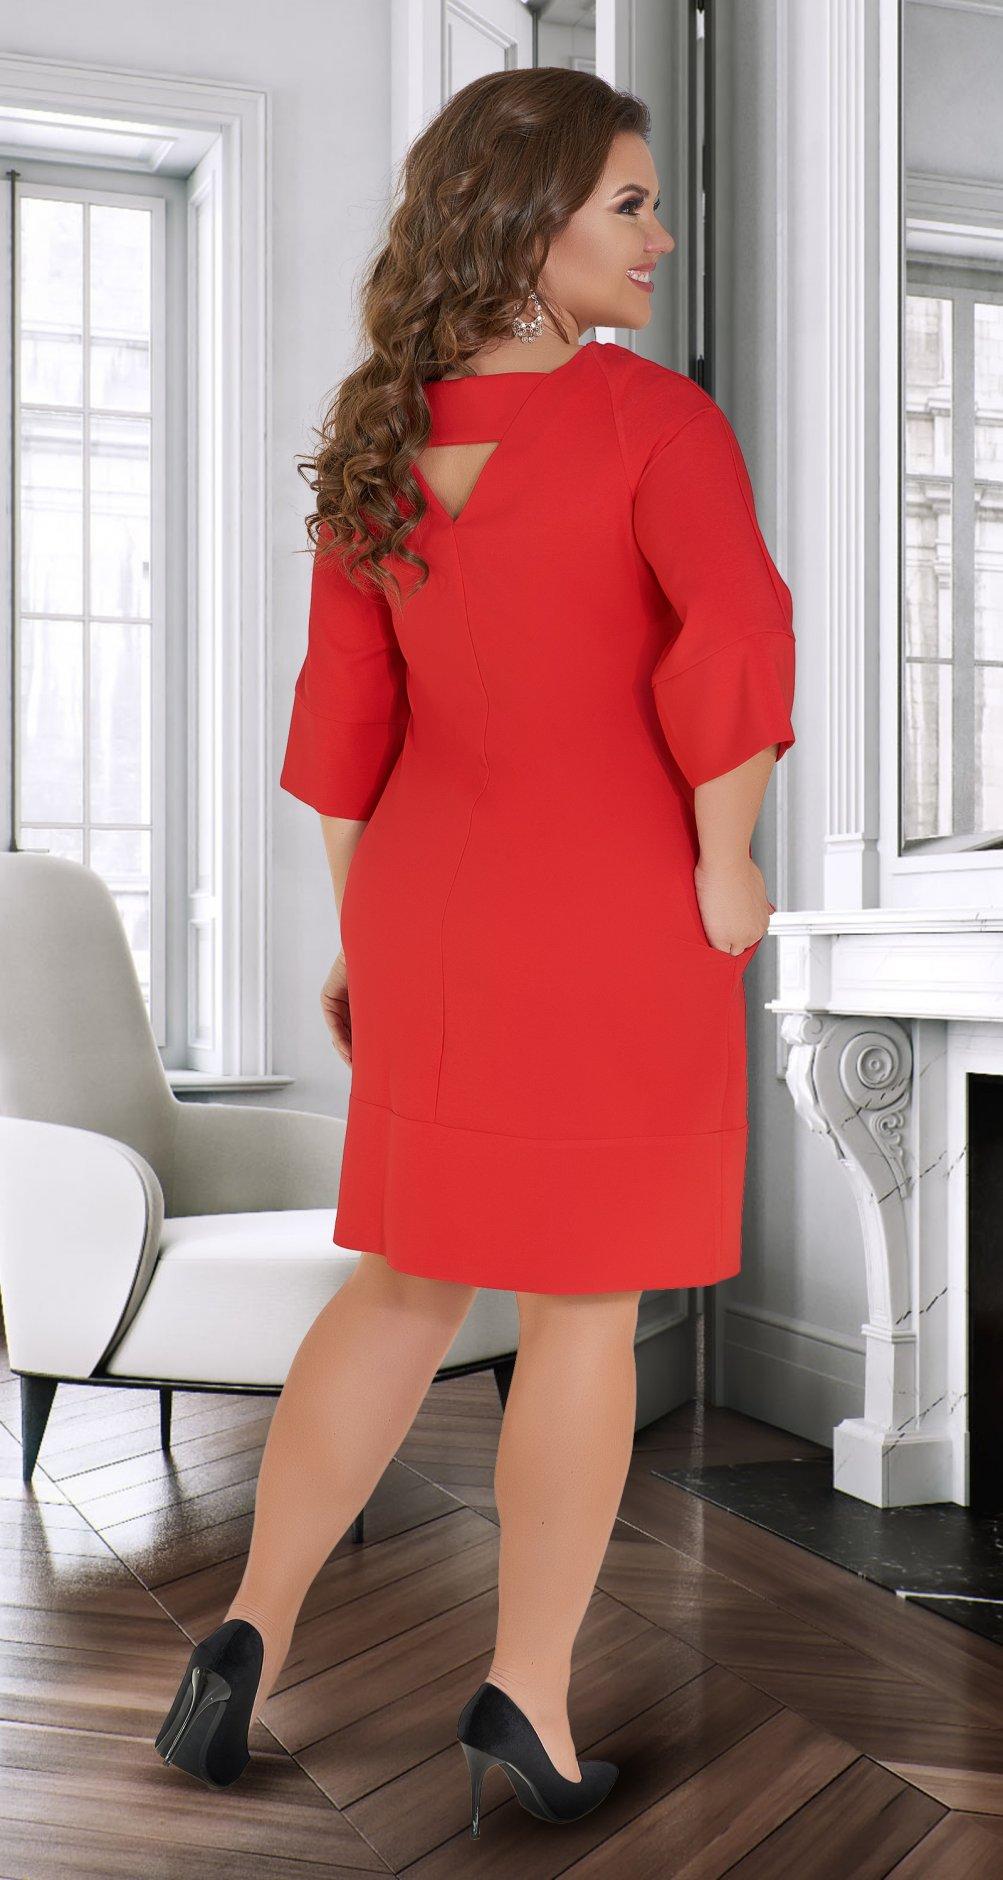 cbc7d43ca46 ... Лаконичное платье с красивой спинкой № 34511